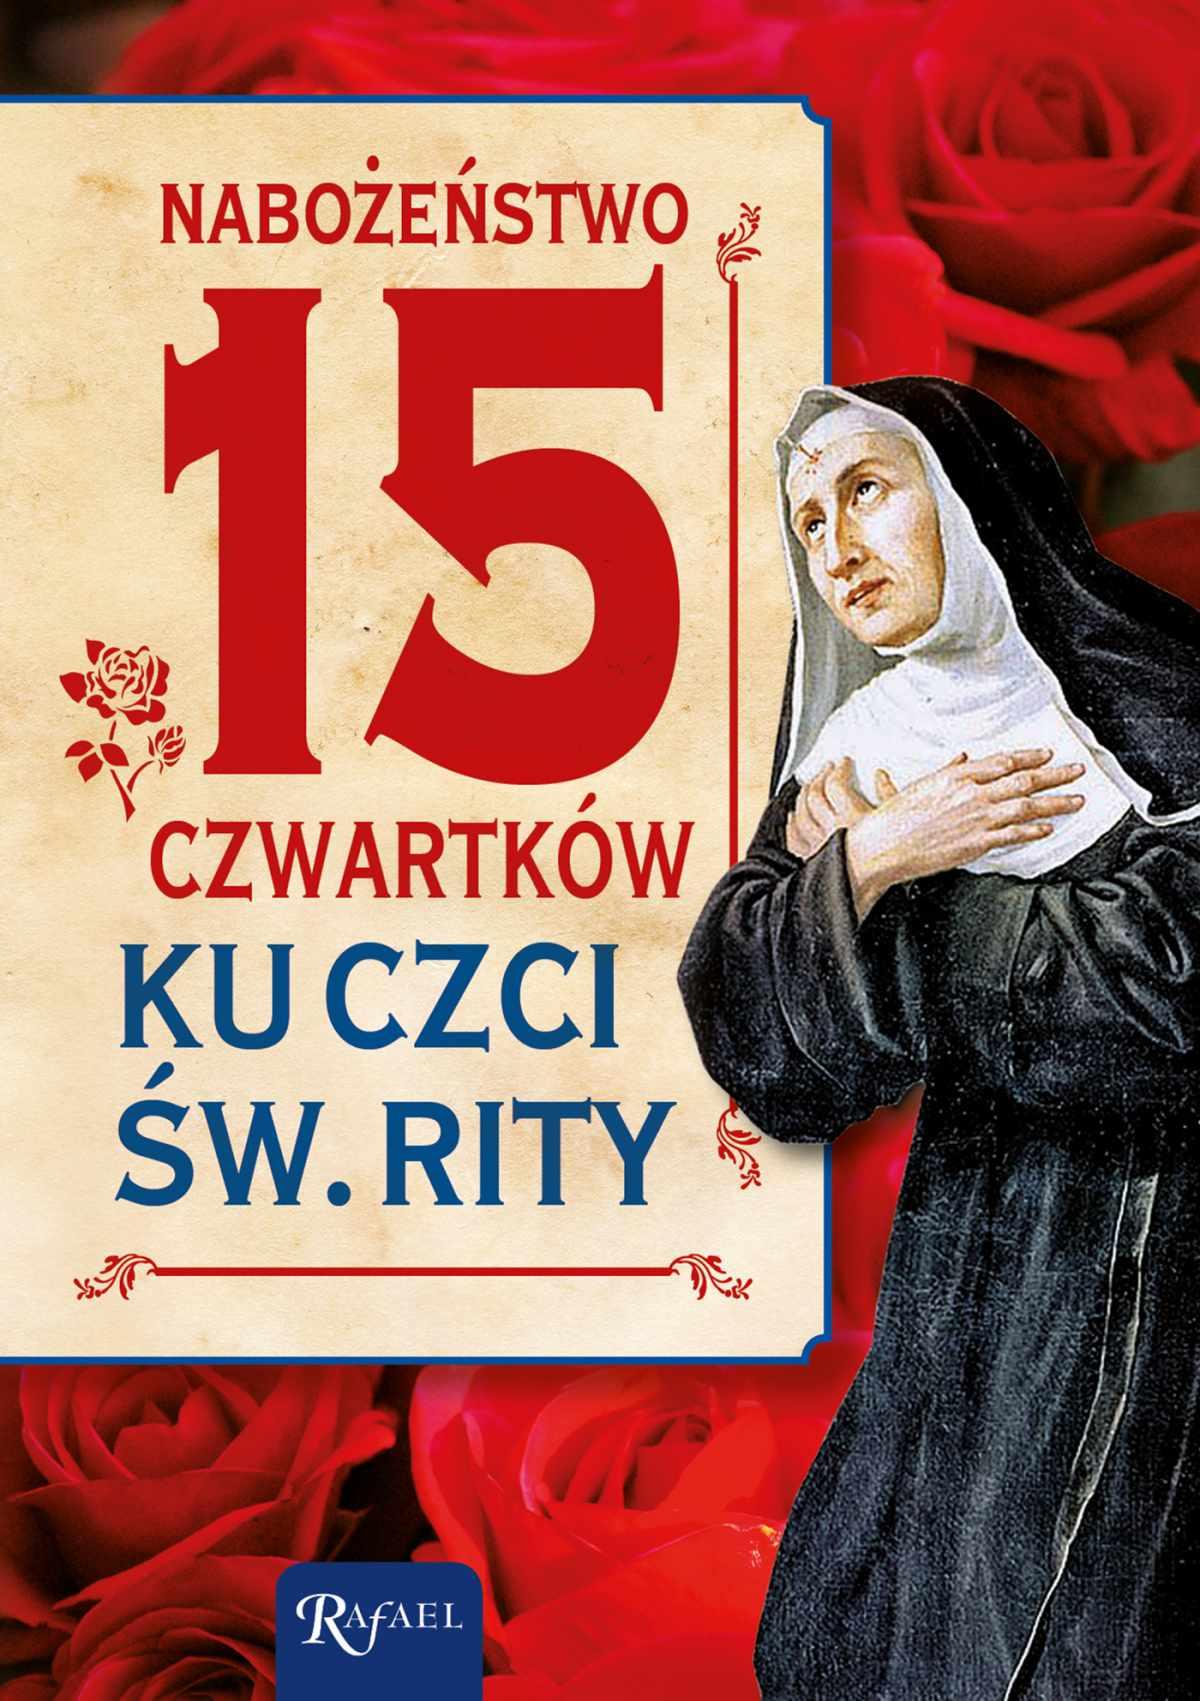 Nabożeństwo 15 czwartków ku czci św. Rity - Ebook (Książka PDF) do pobrania w formacie PDF